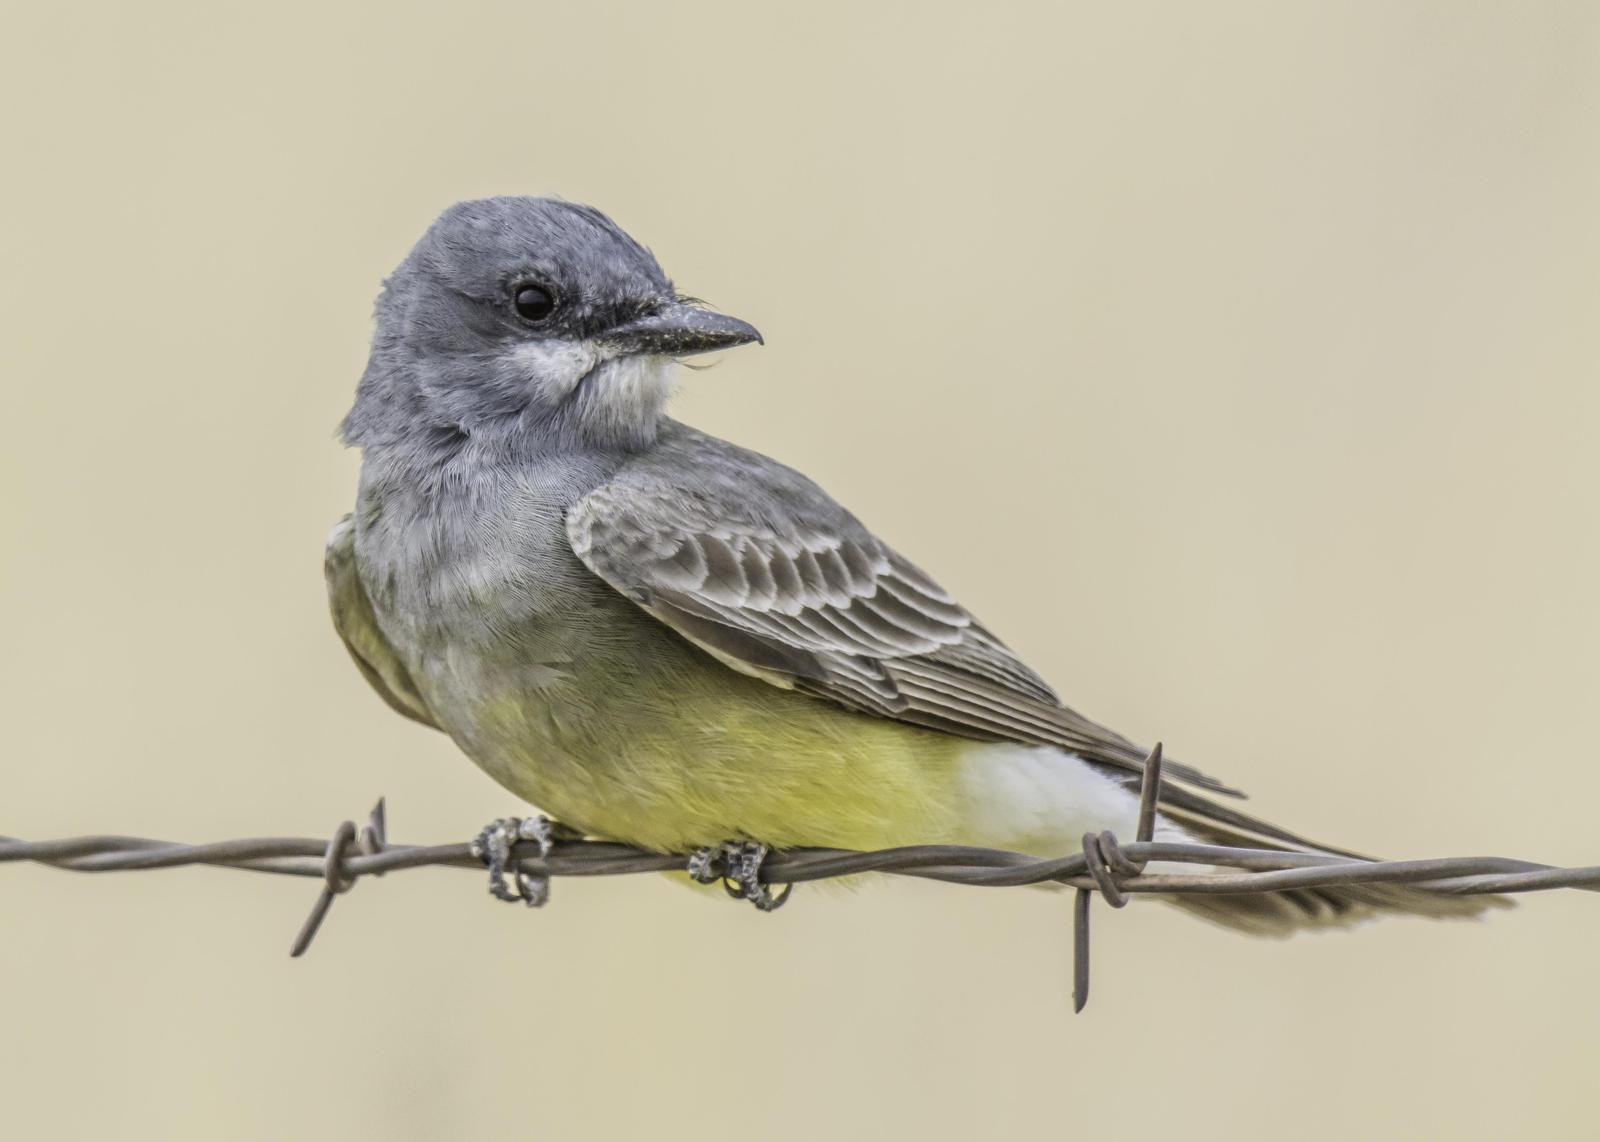 Cassin's Kingbird Photo by Mason Rose